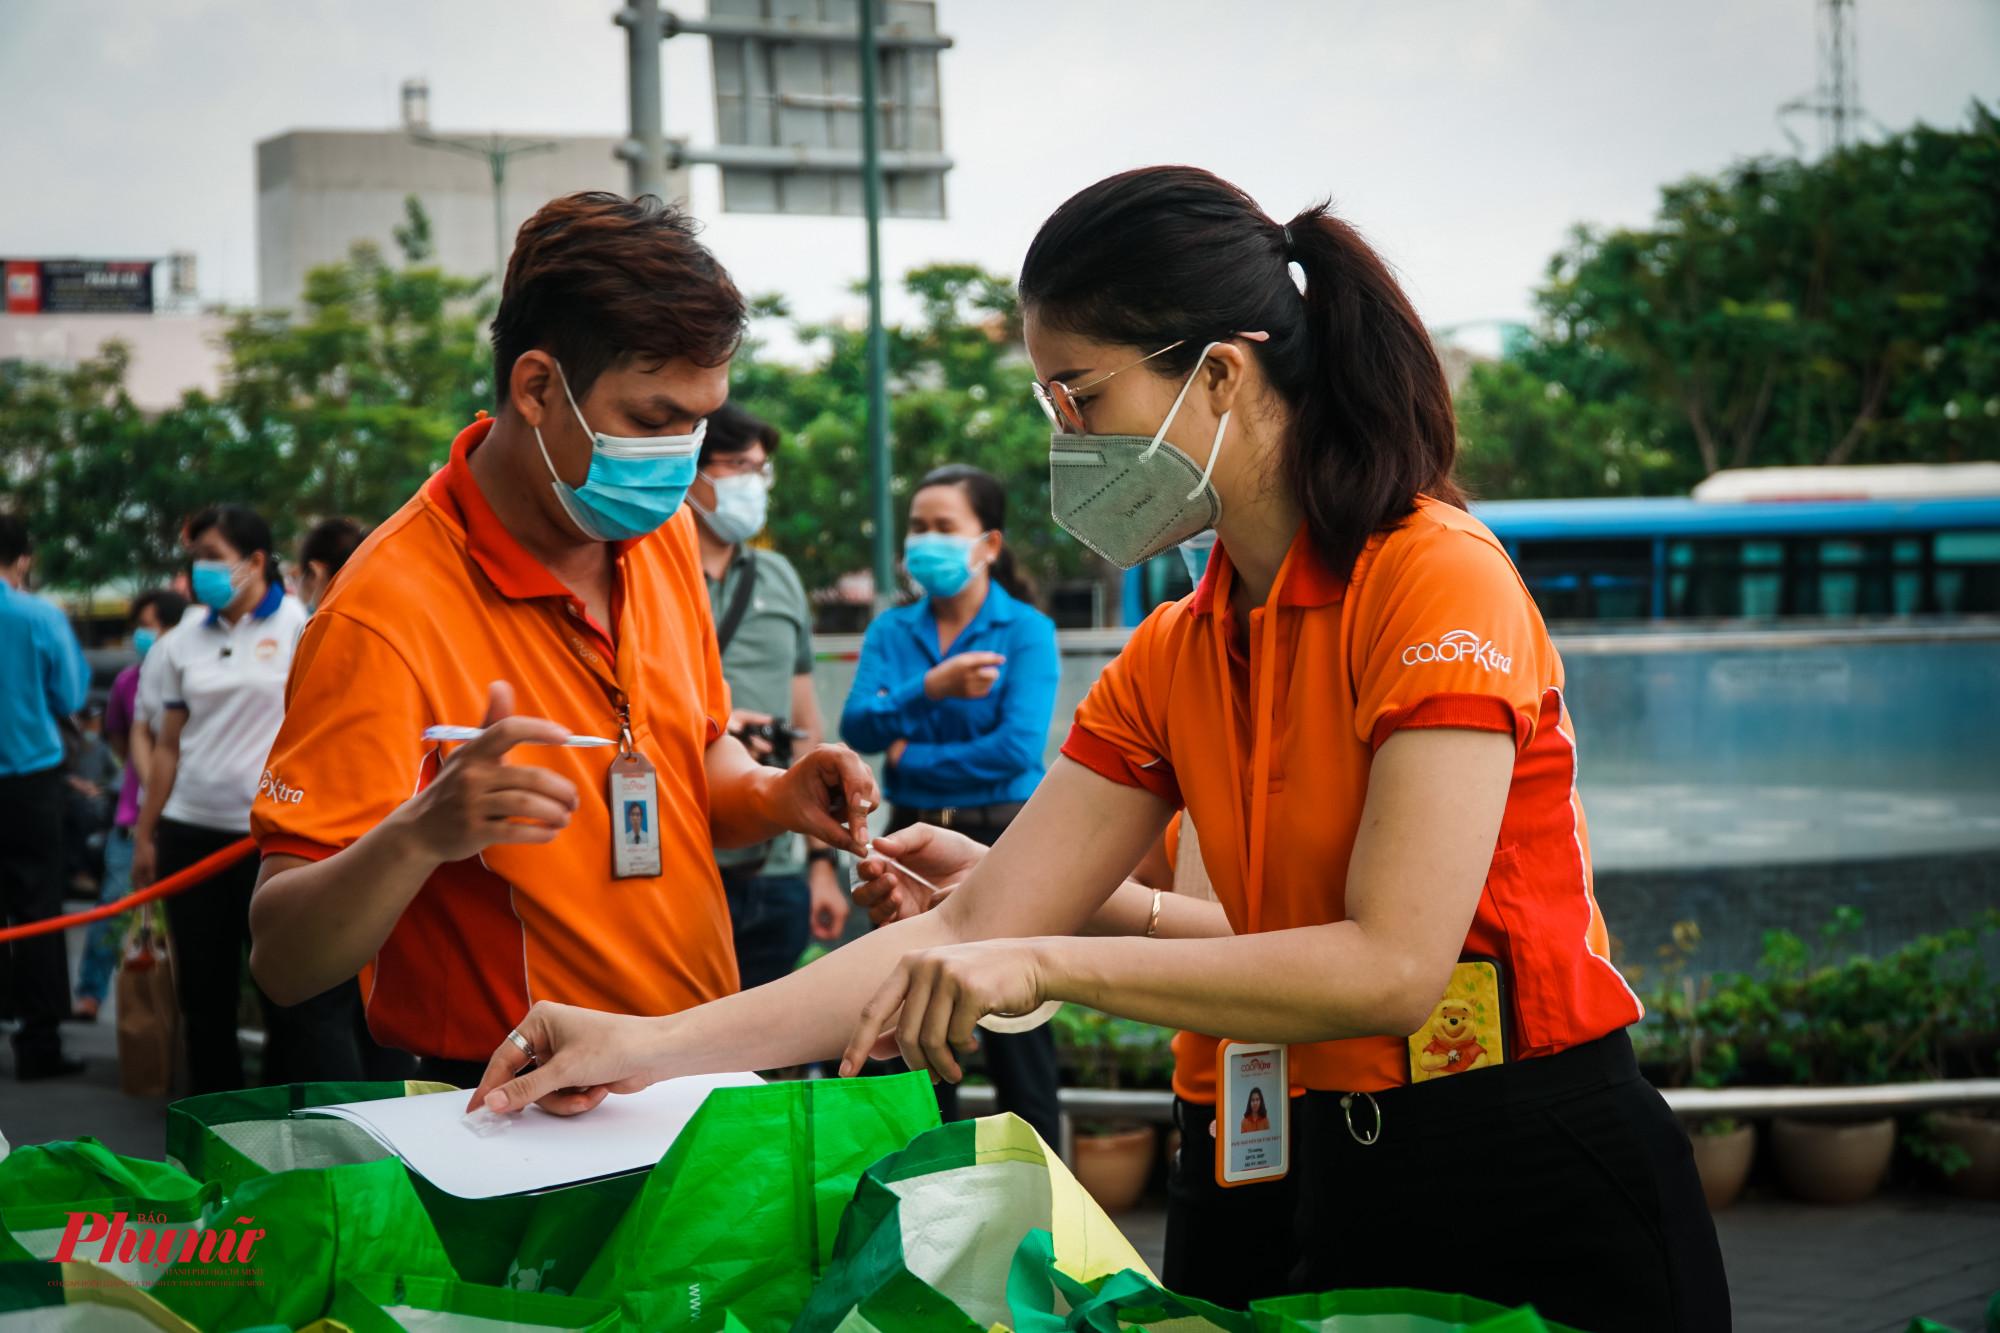 Sáng sớm, các nhân viên tại siêu thị đã phân phối các loại thực phẩm giúp người dân